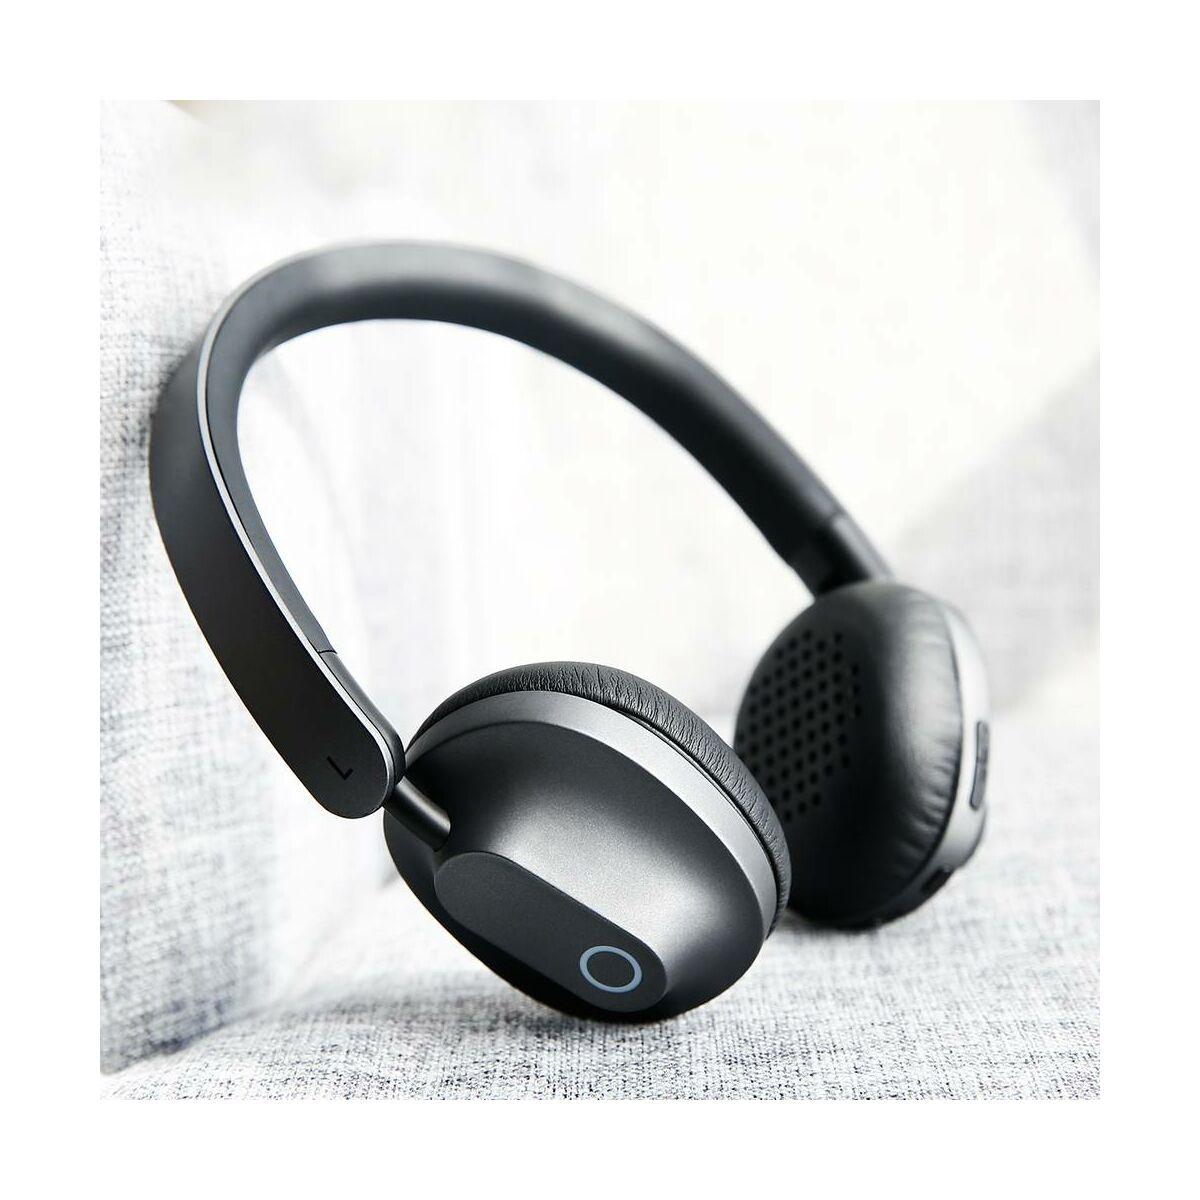 Baseus fejhallgató, Bluetooth Encok D01, vezeték nélküli, fekete (NGD01-0A)